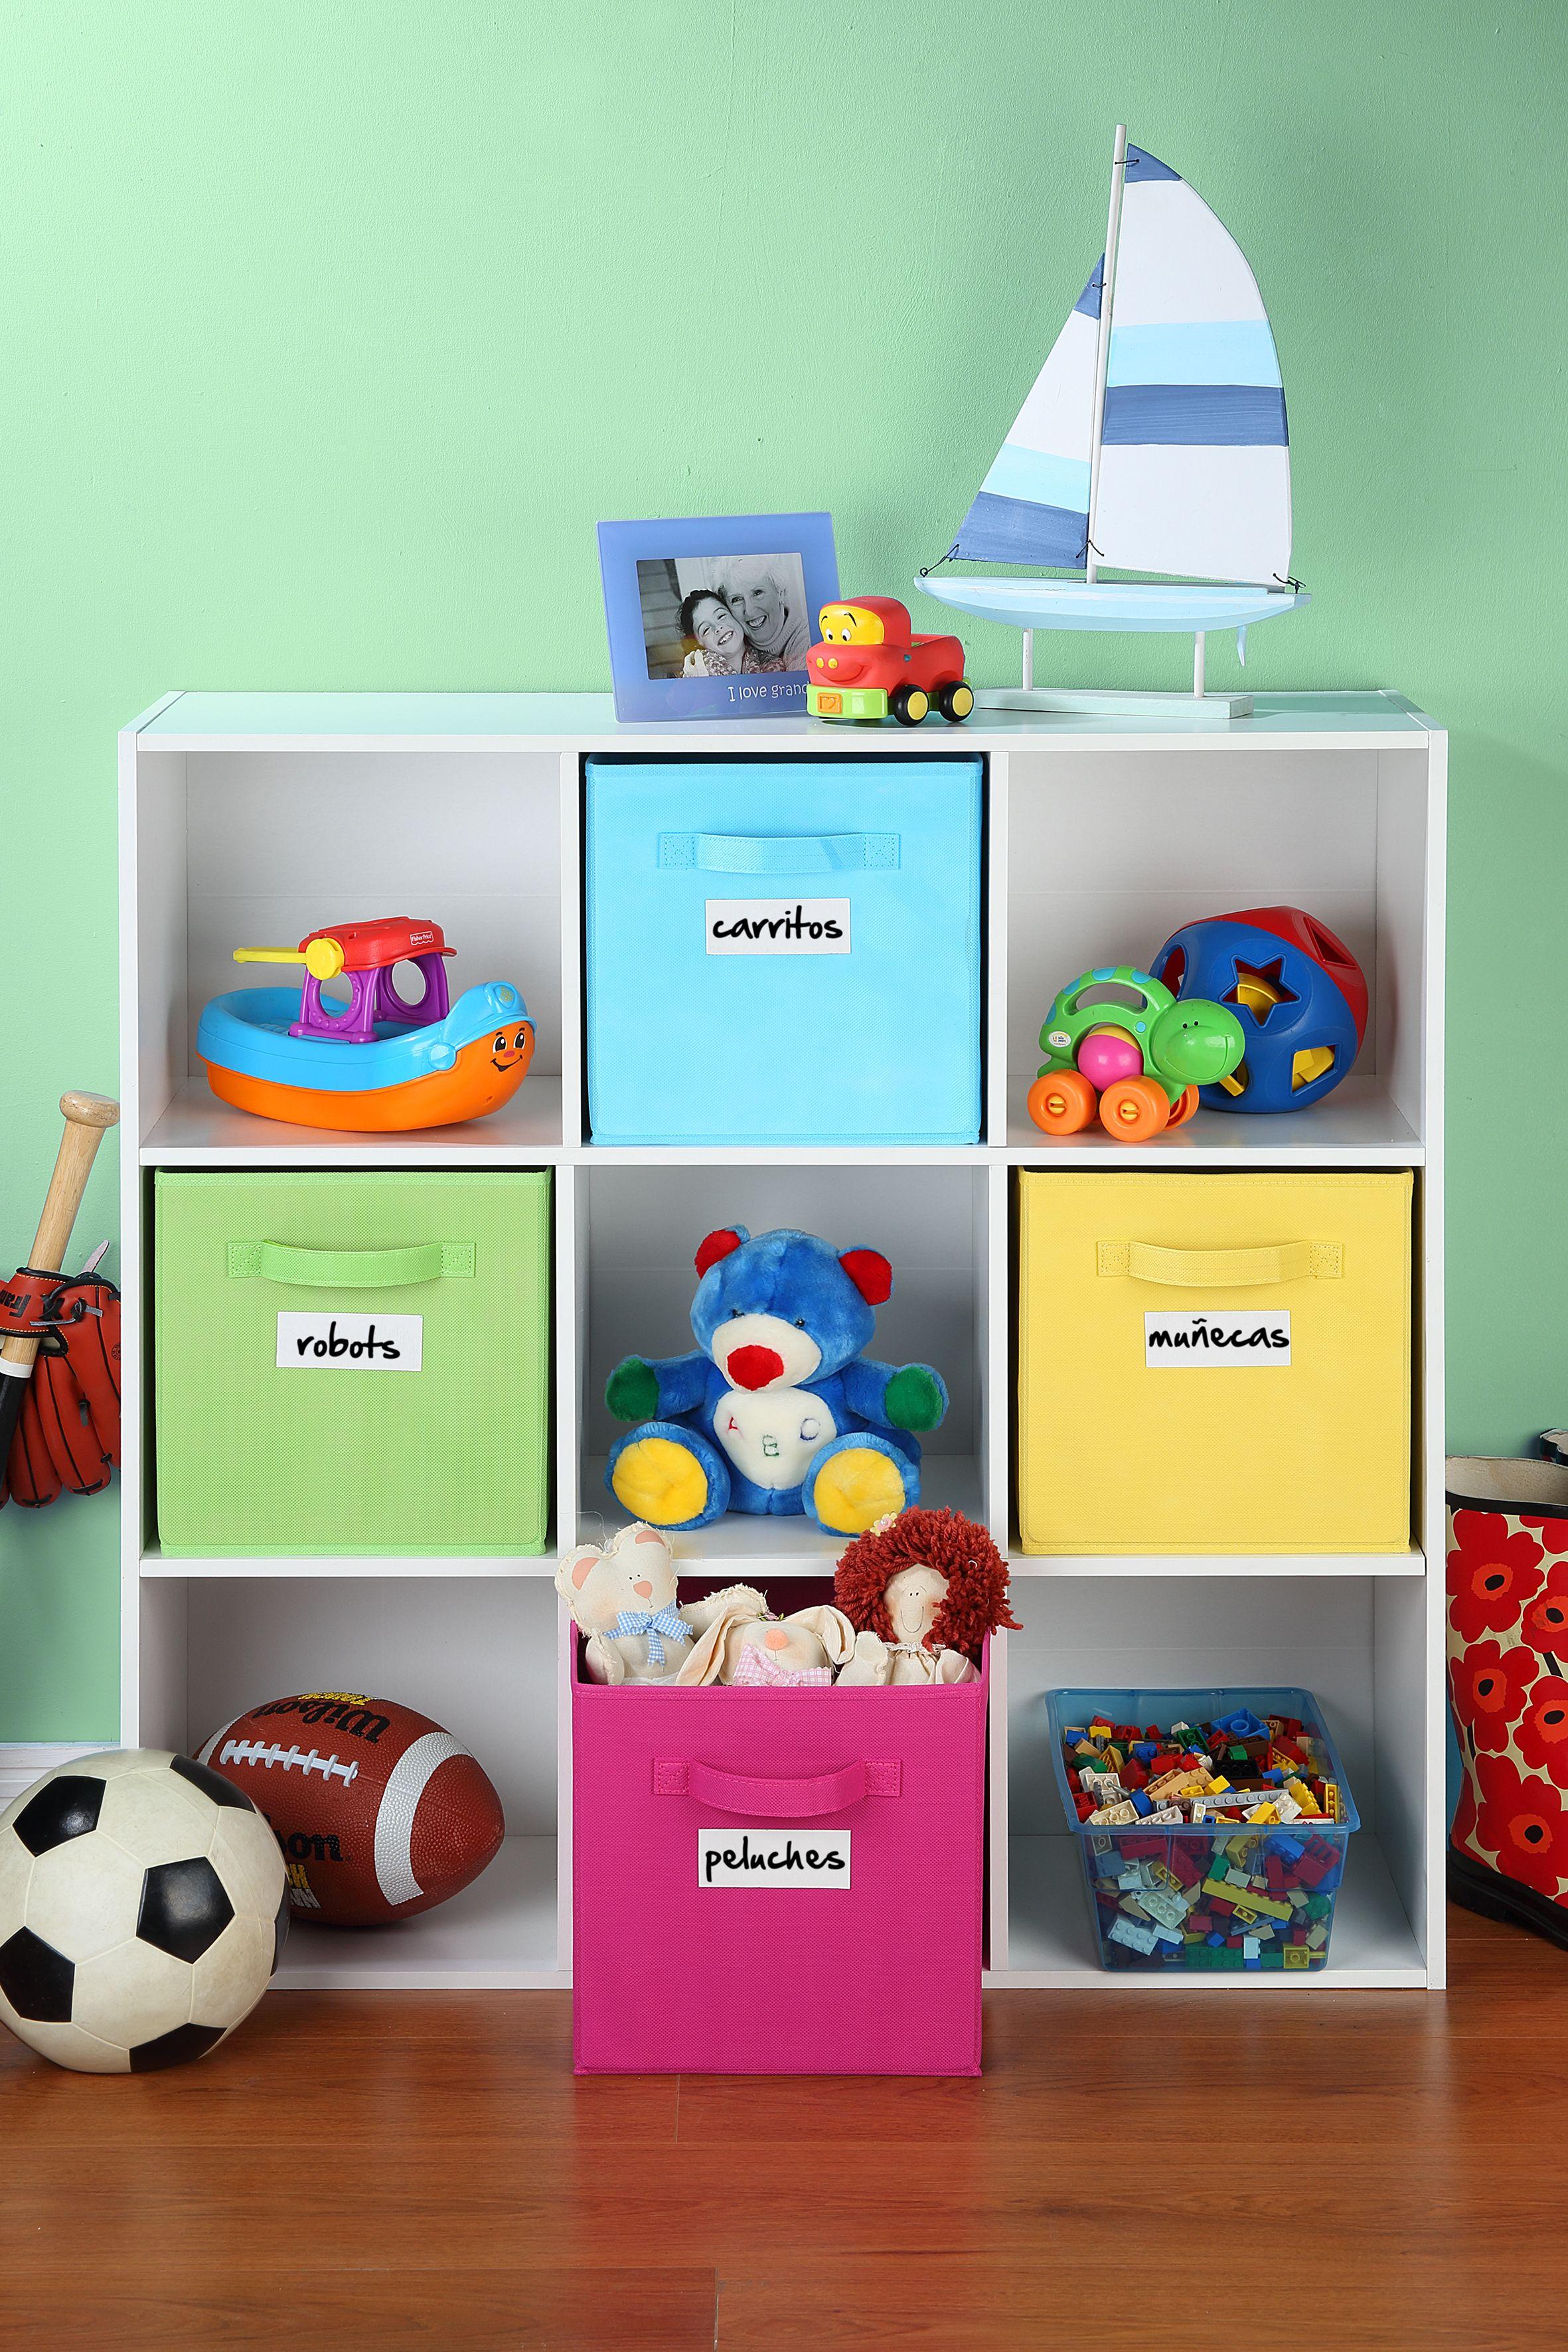 Que todo tenga un espacio organizando con cubos modulares for Mueble organizador infantil